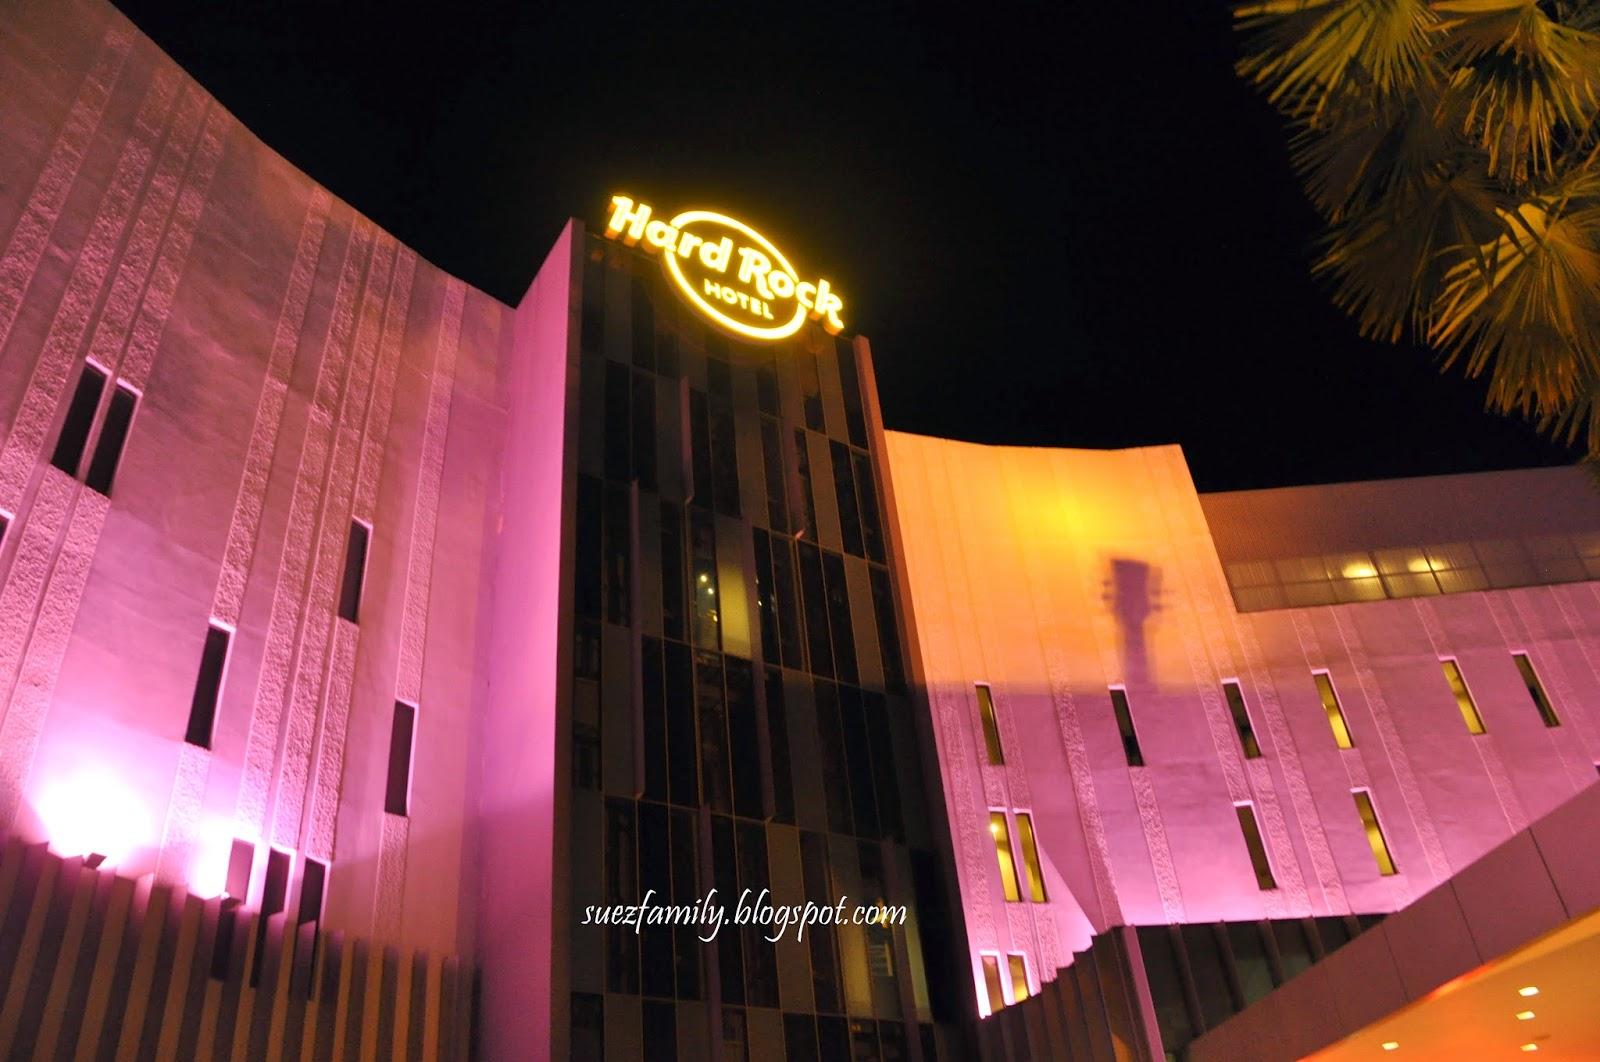 Dah La Laparpenat Mengantukso Kalau Korang Ke Hard Rock Hotel Dan Plan Nak Makan Kat Gerai Depan Tu Bersedialah Ye Hari Kedua Di Penang